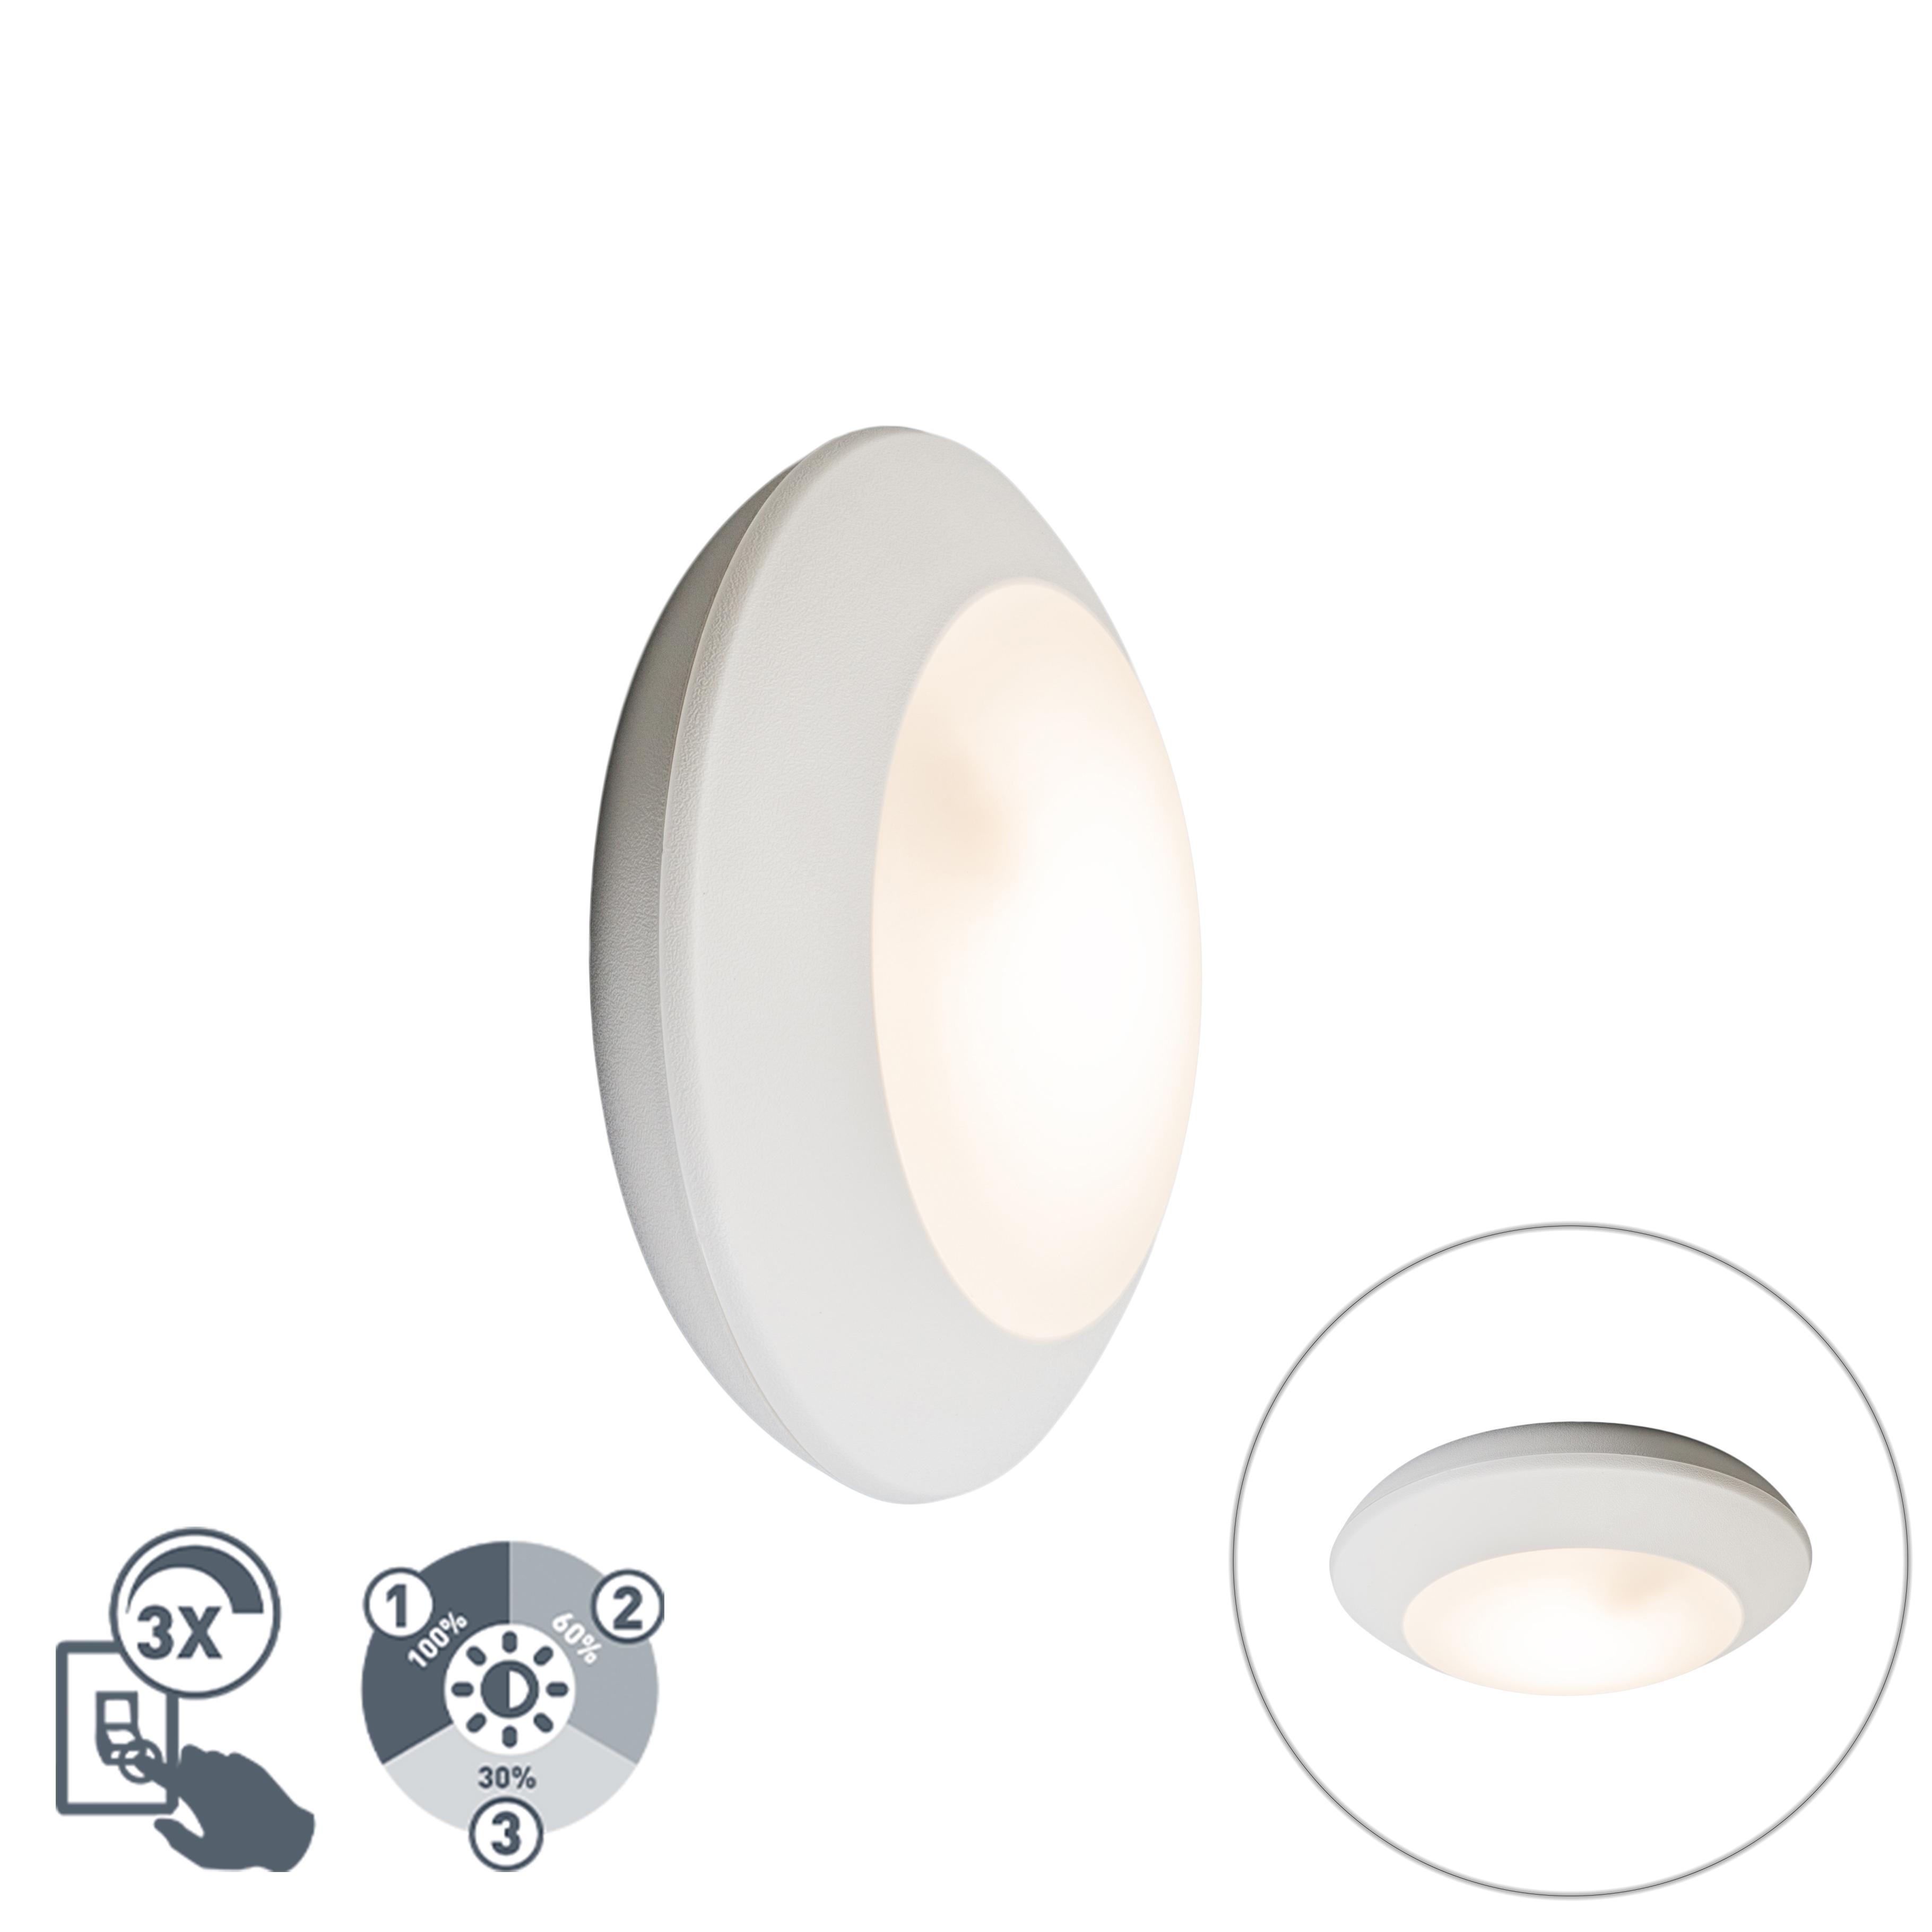 Wand- en plafondlamp wit IP65 - Bertina